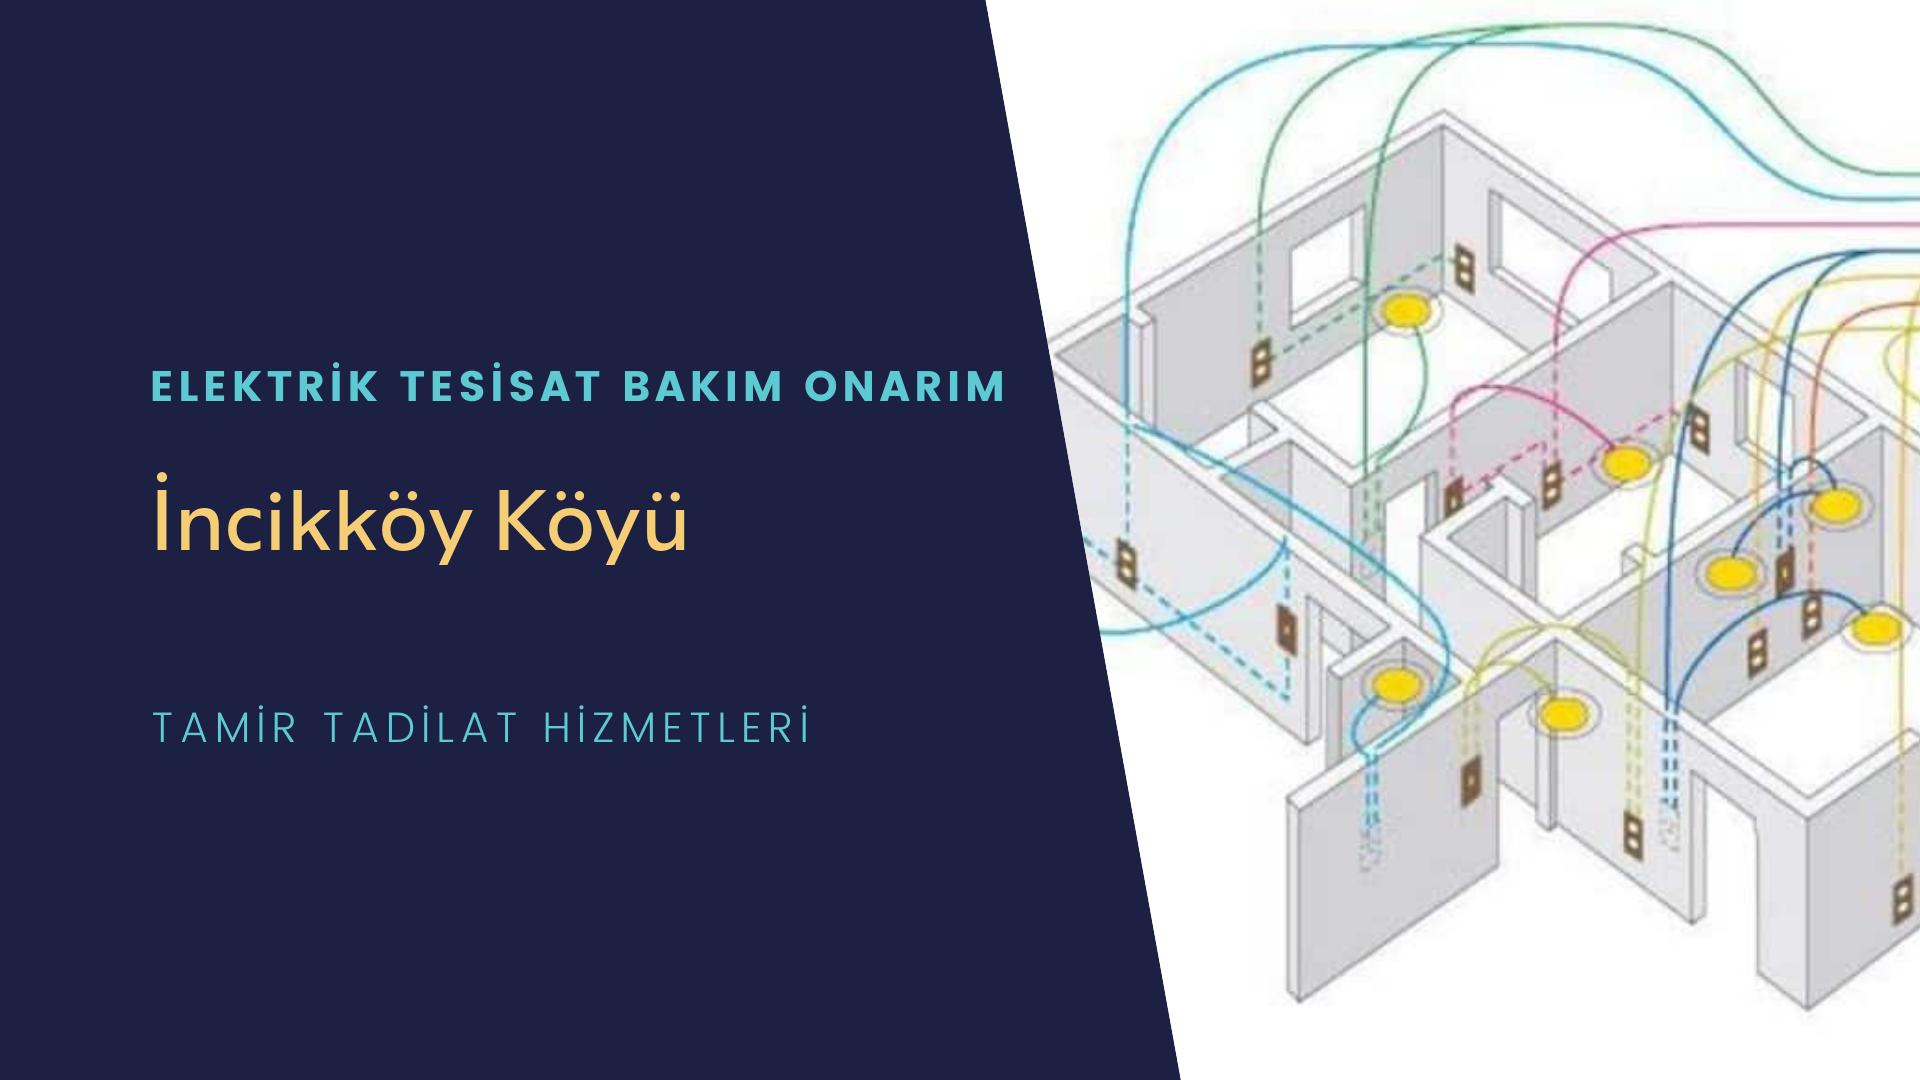 İncikköy Köyü  elektrik tesisatıustalarımı arıyorsunuz doğru adrestenizi İncikköy Köyü elektrik tesisatı ustalarımız 7/24 sizlere hizmet vermekten mutluluk duyar.